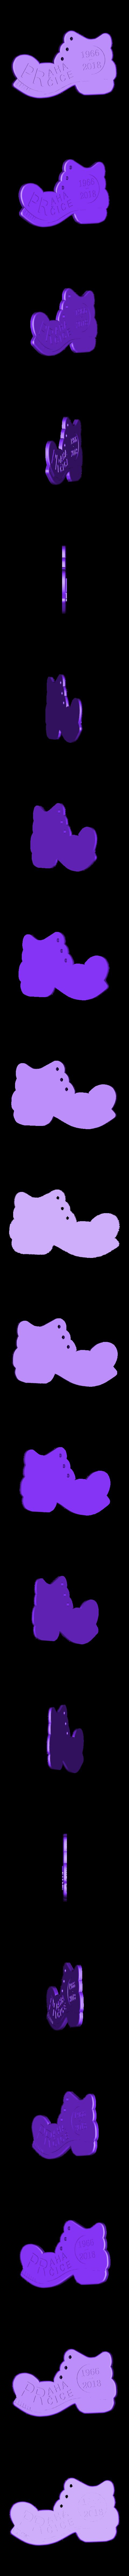 PPP1966-2018.stl Télécharger fichier STL gratuit Botička / Chaussure (récompense du voyage de randonnée tchèque Praha - Prčice) • Design imprimable en 3D, tomast